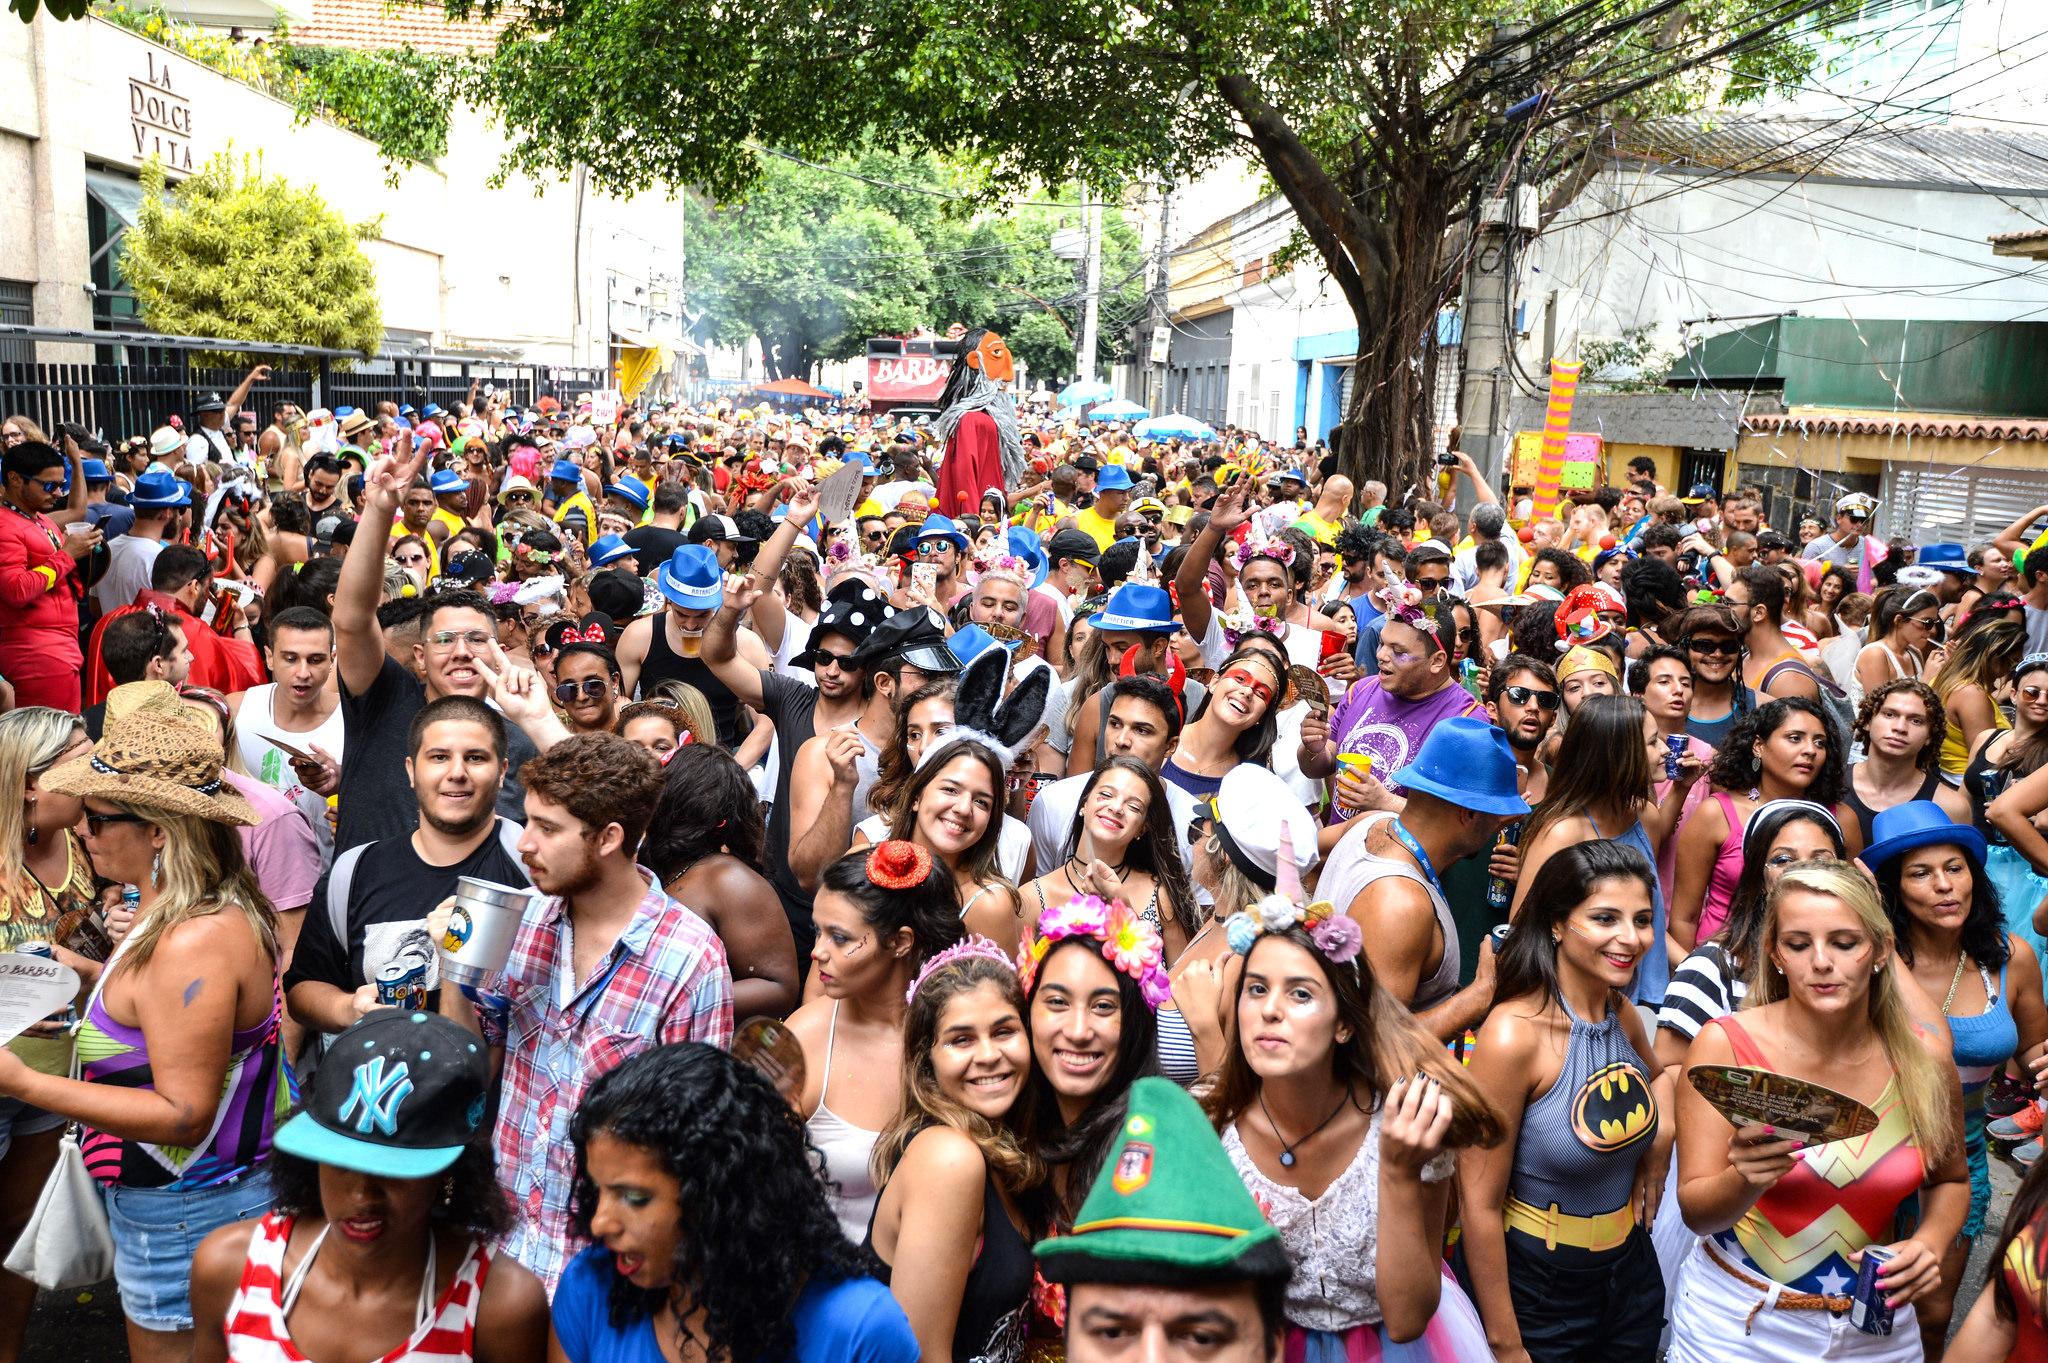 https://applexgen.com/wp-content/uploads/2020/02/1582916408_793_El-carnaval-brasileno-aplicara-el-reconocimiento-facial-como-precaucion.jpg